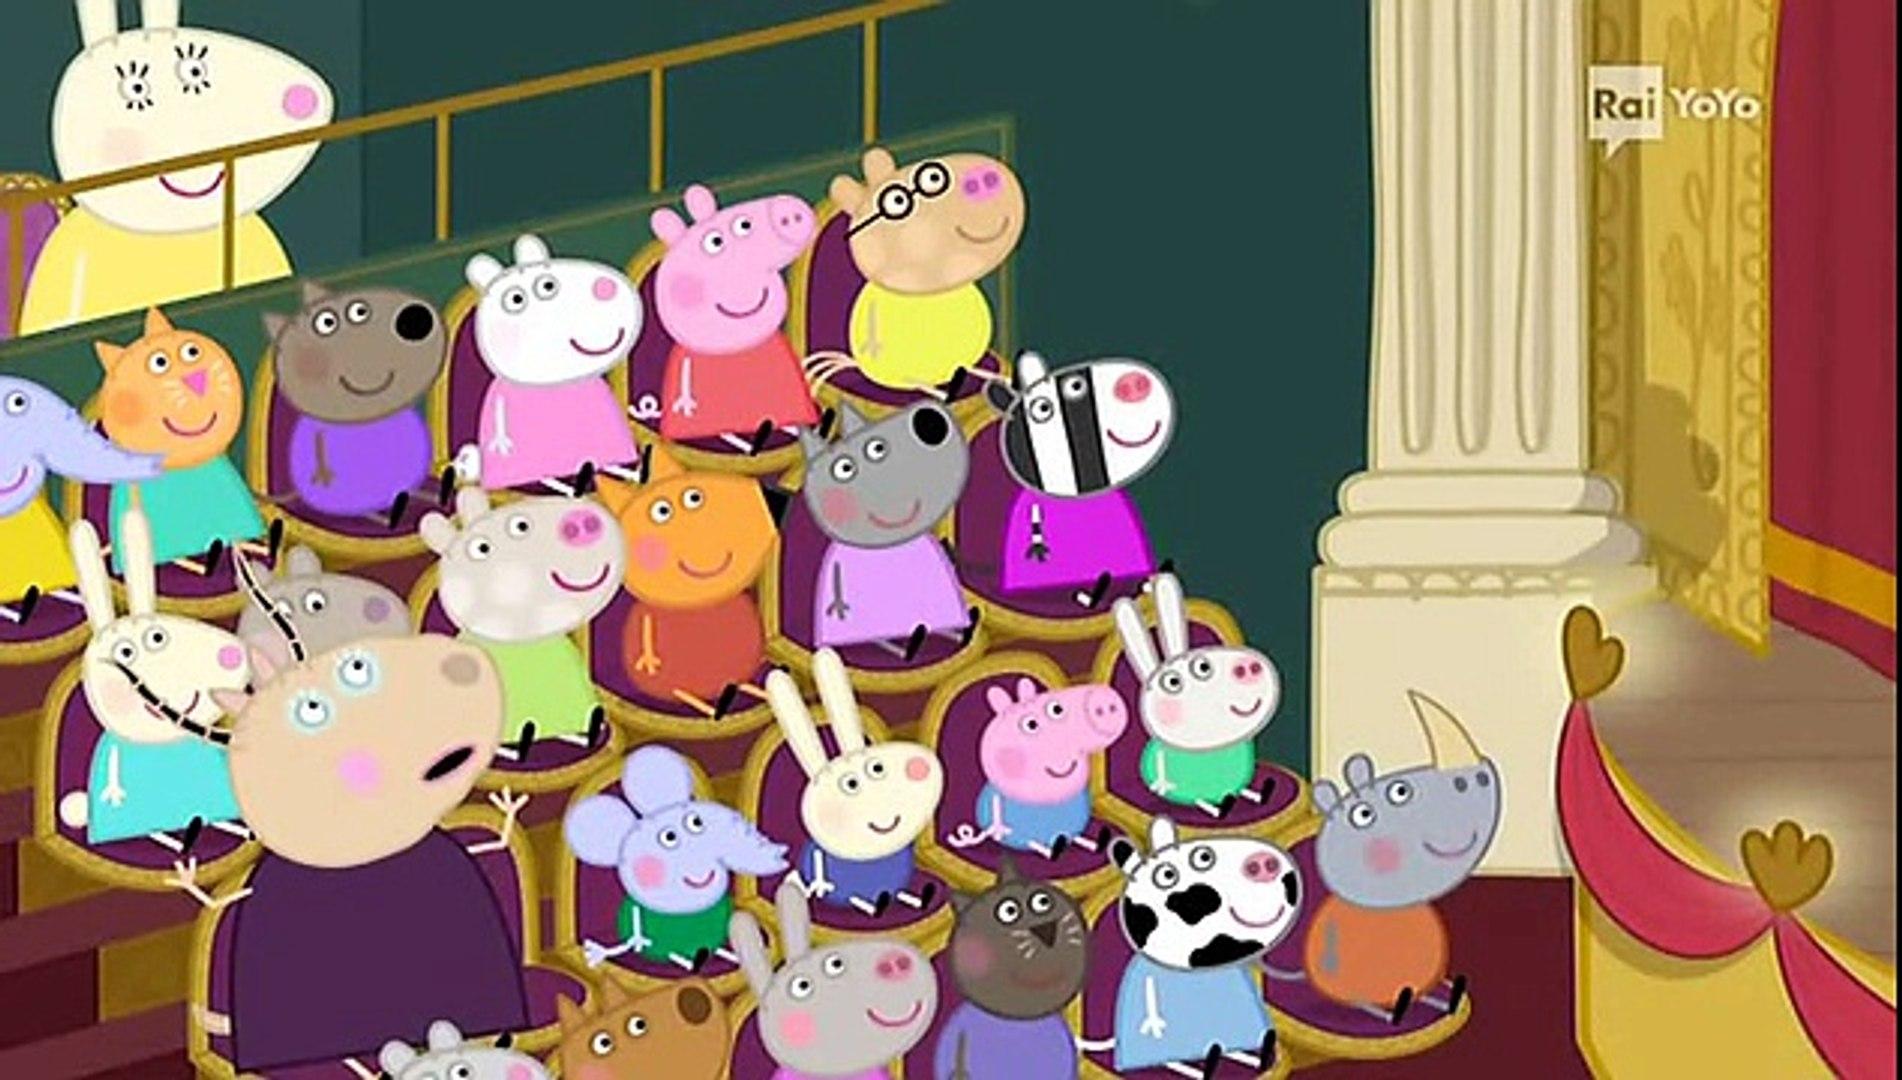 Peppa Pig Natale.Peppa Pig S04e25 Lo Spettacolo Di Natale Nuovi Episodi 2014 Video Dailymotion